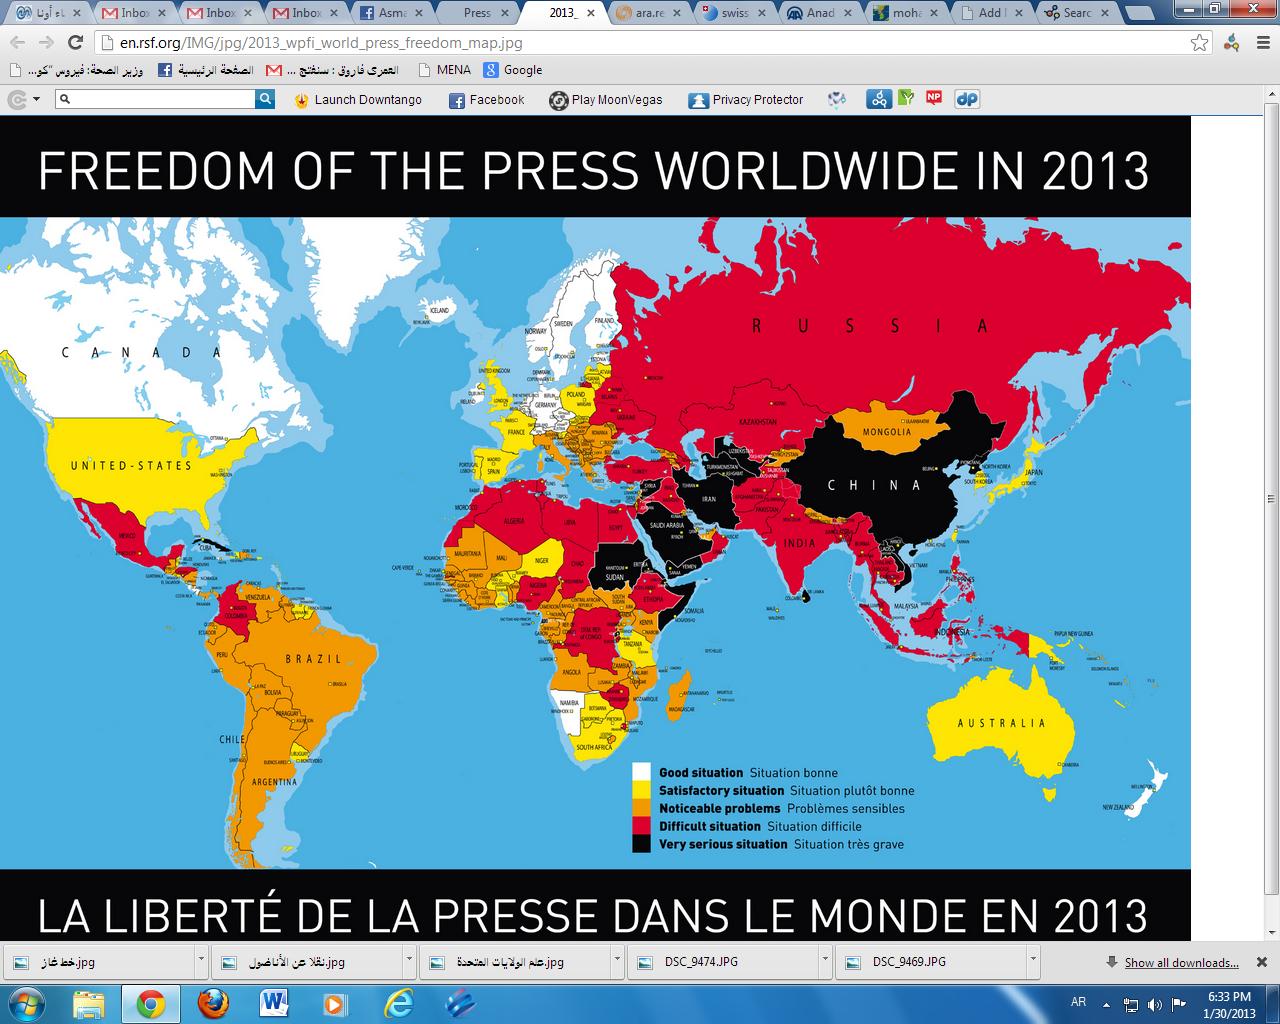 خريطة-حريات-الصحافة-في-العالم-عام-2013 (1)